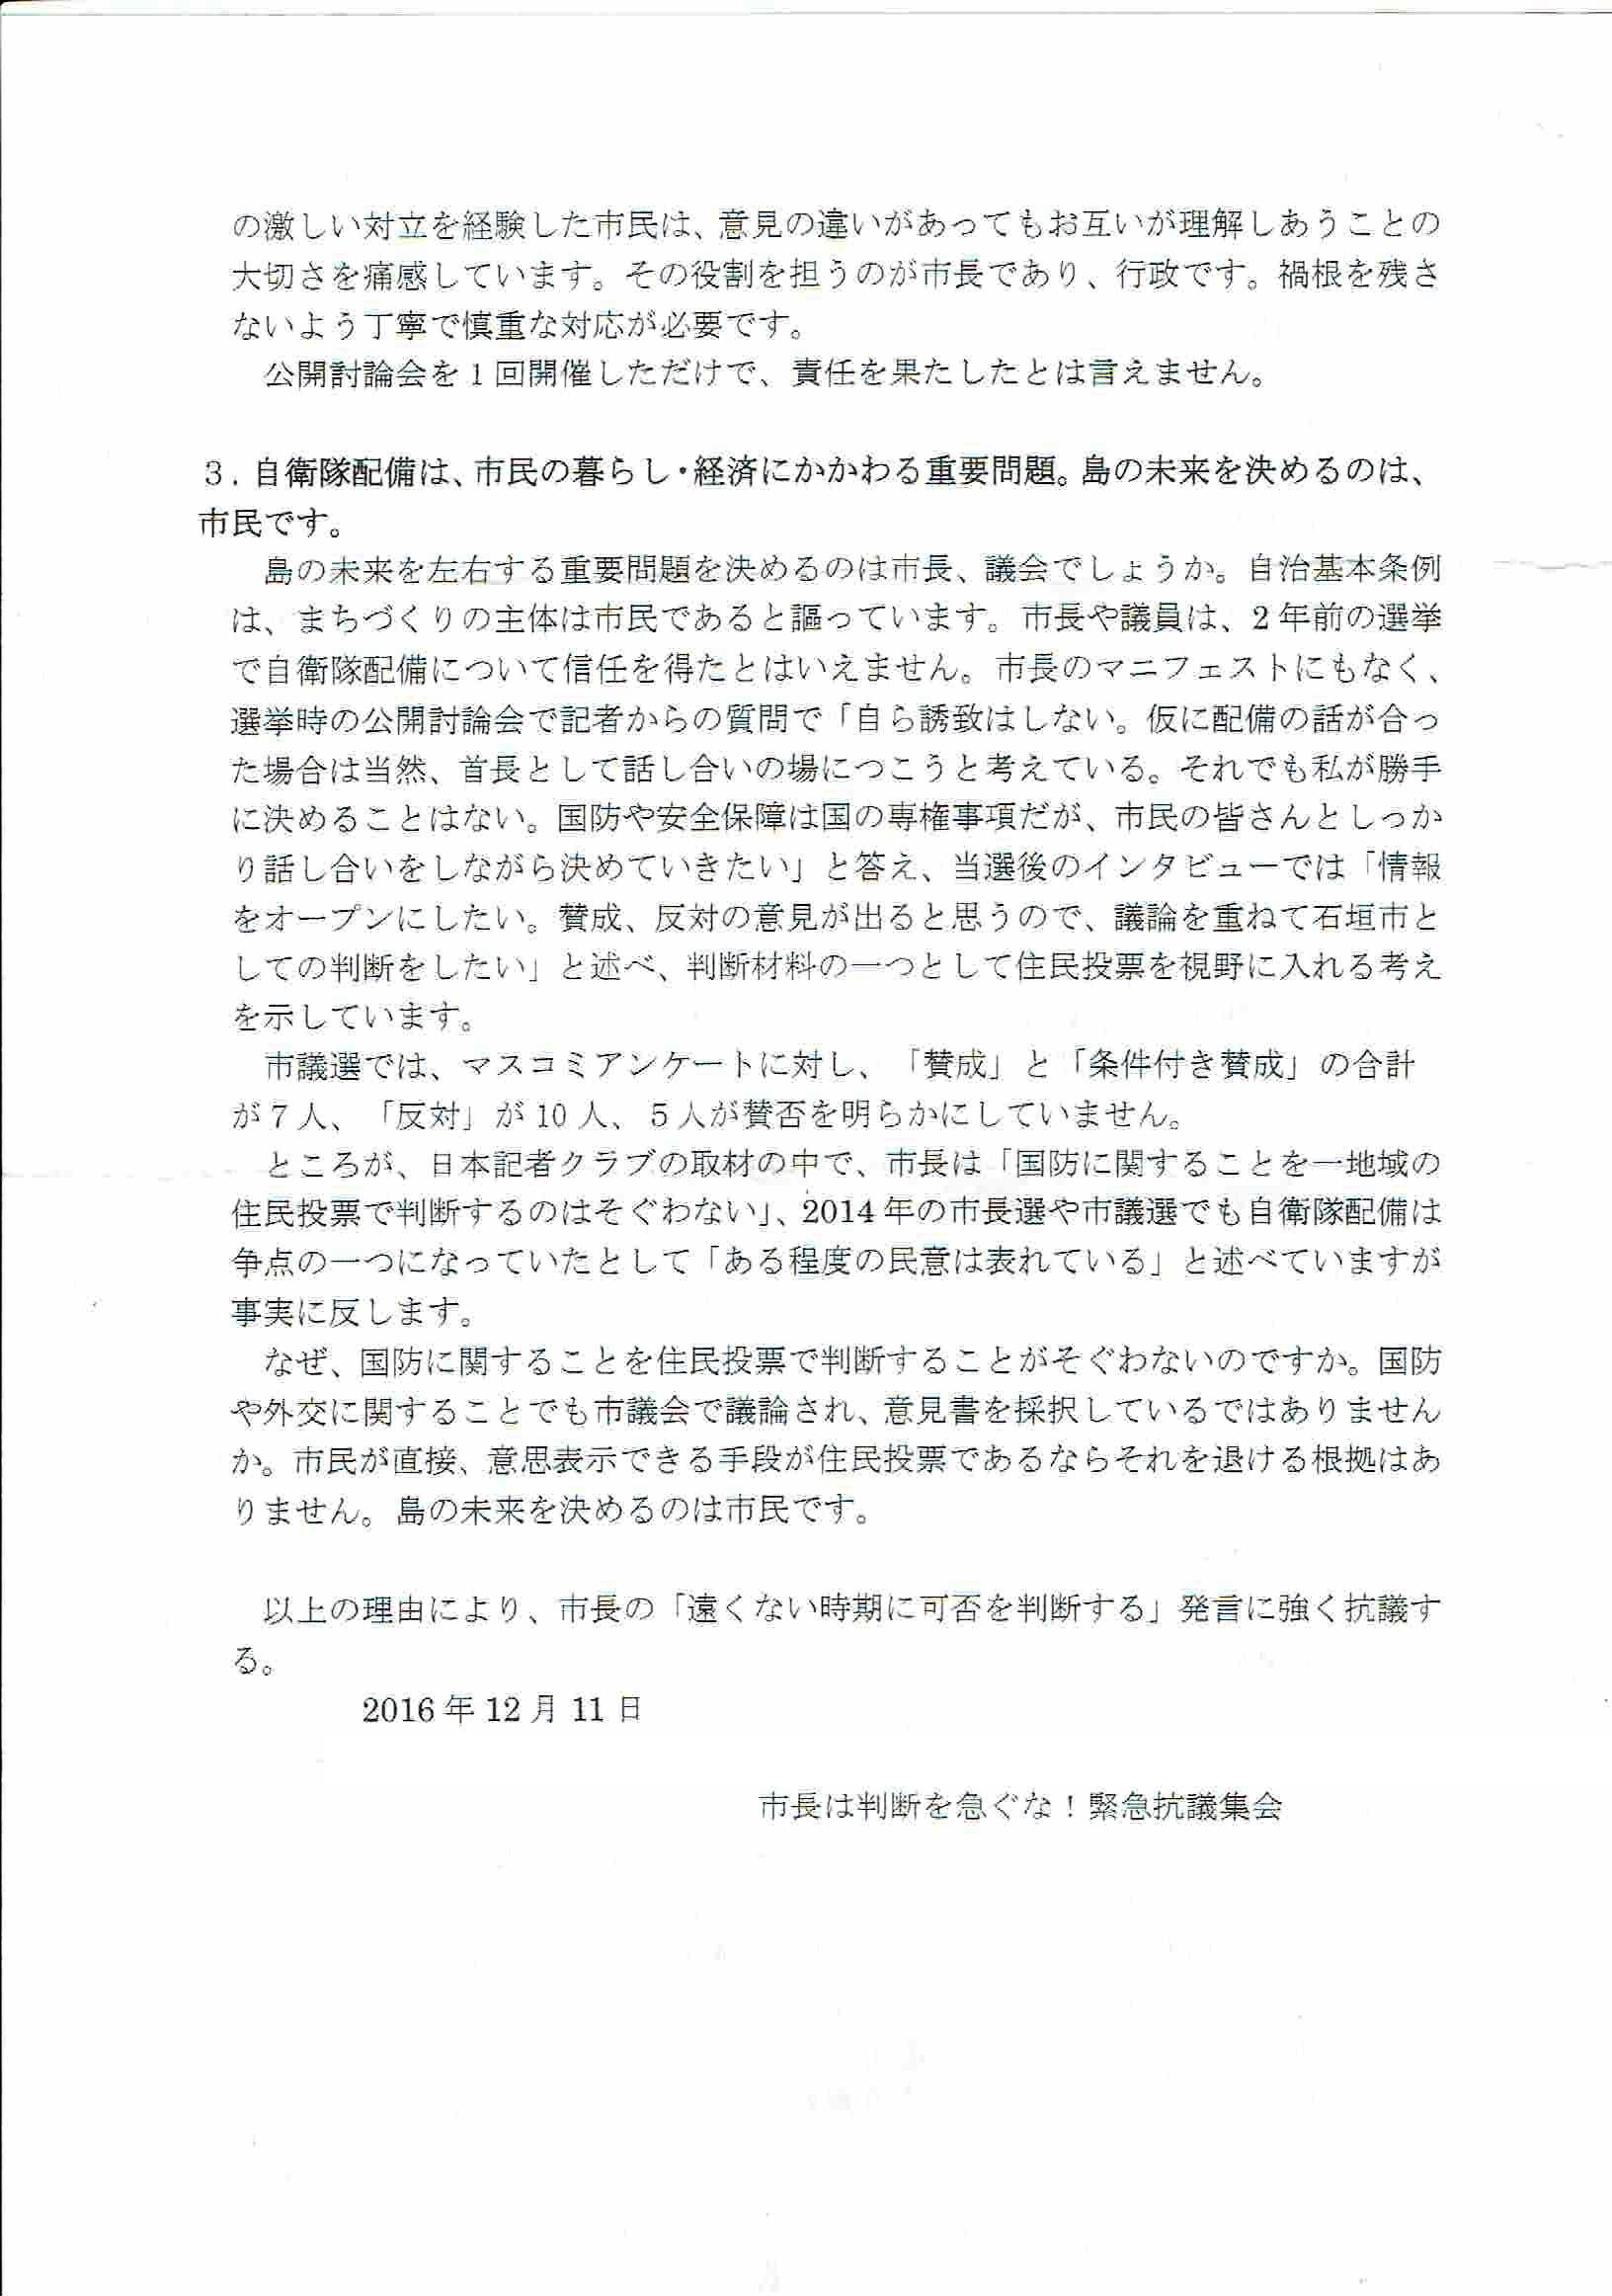 20161211ketsugi02.jpg